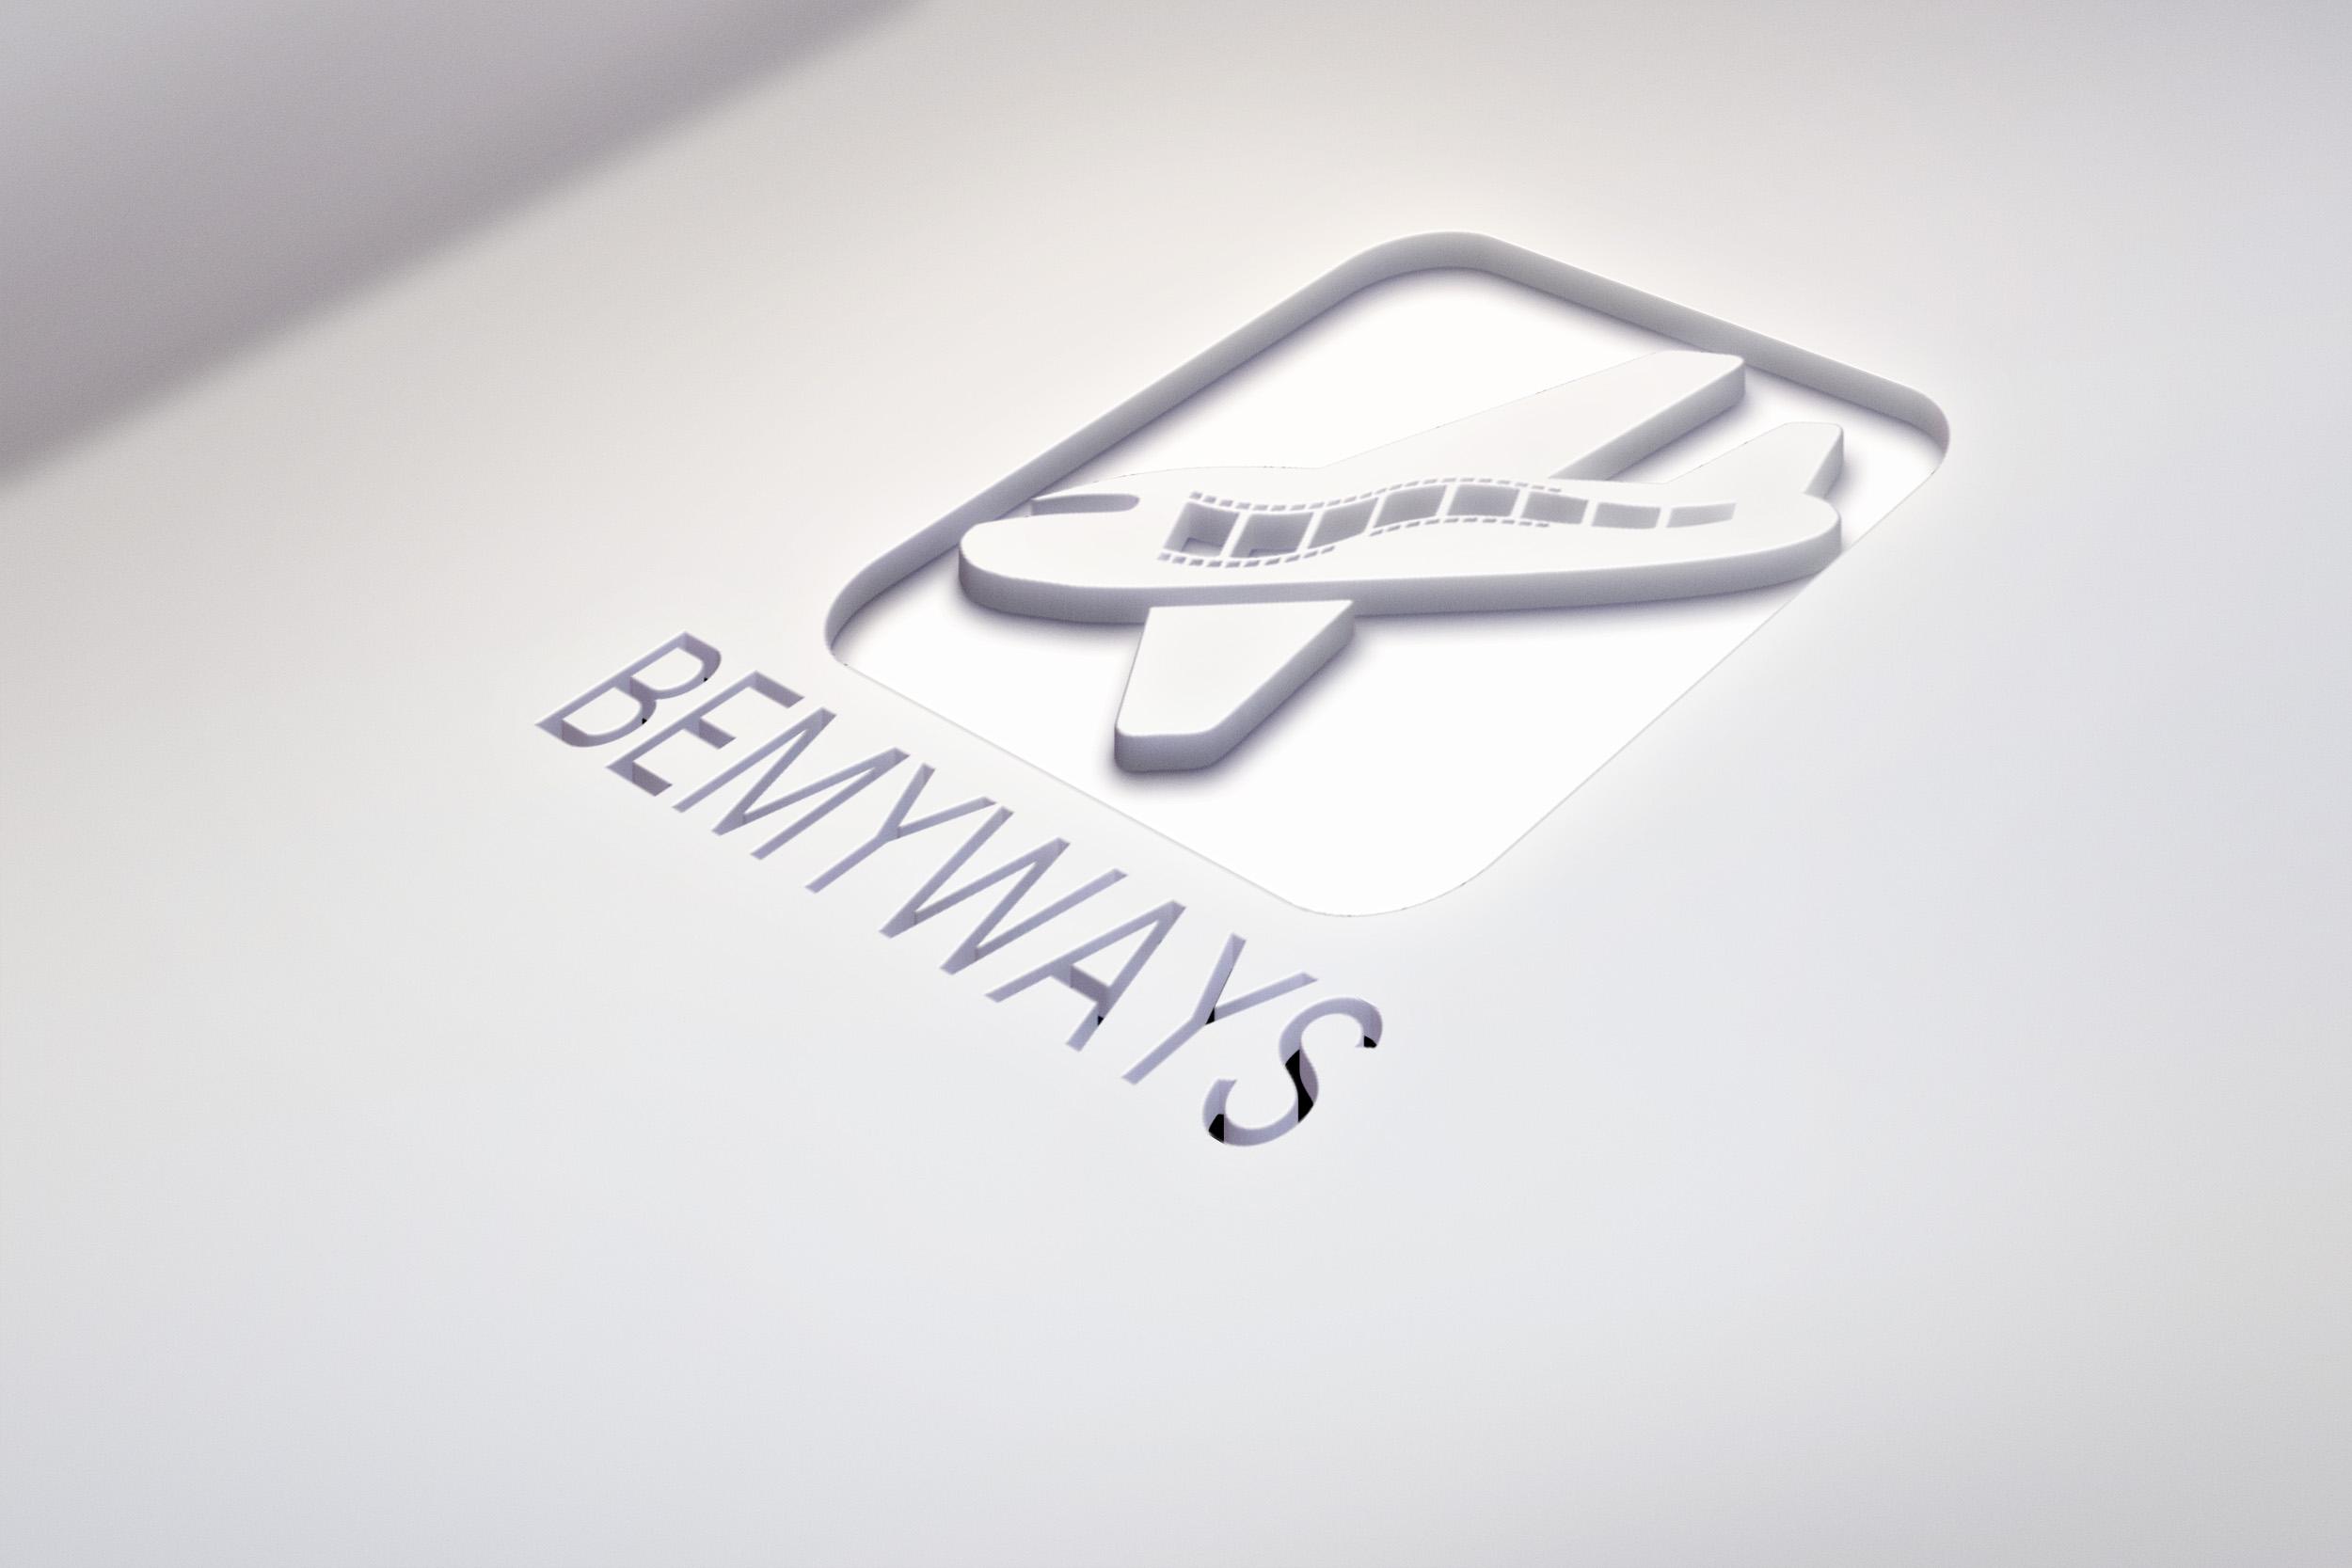 Разработка логотипа и иконки для Travel Video Platform фото f_7955c36633dce015.jpg